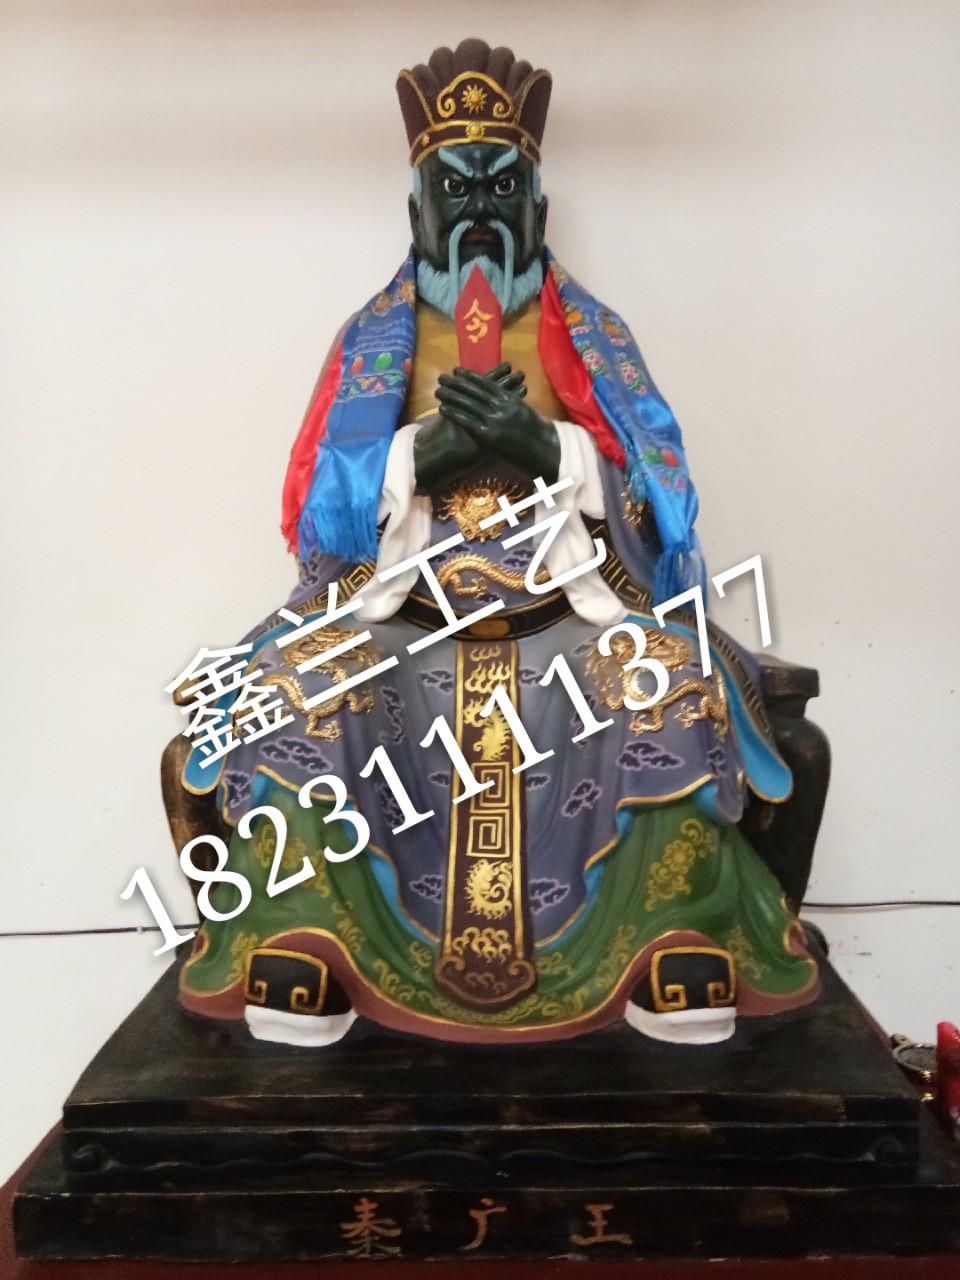 铜雕彩绘秦广王蒋玻璃钢雕塑